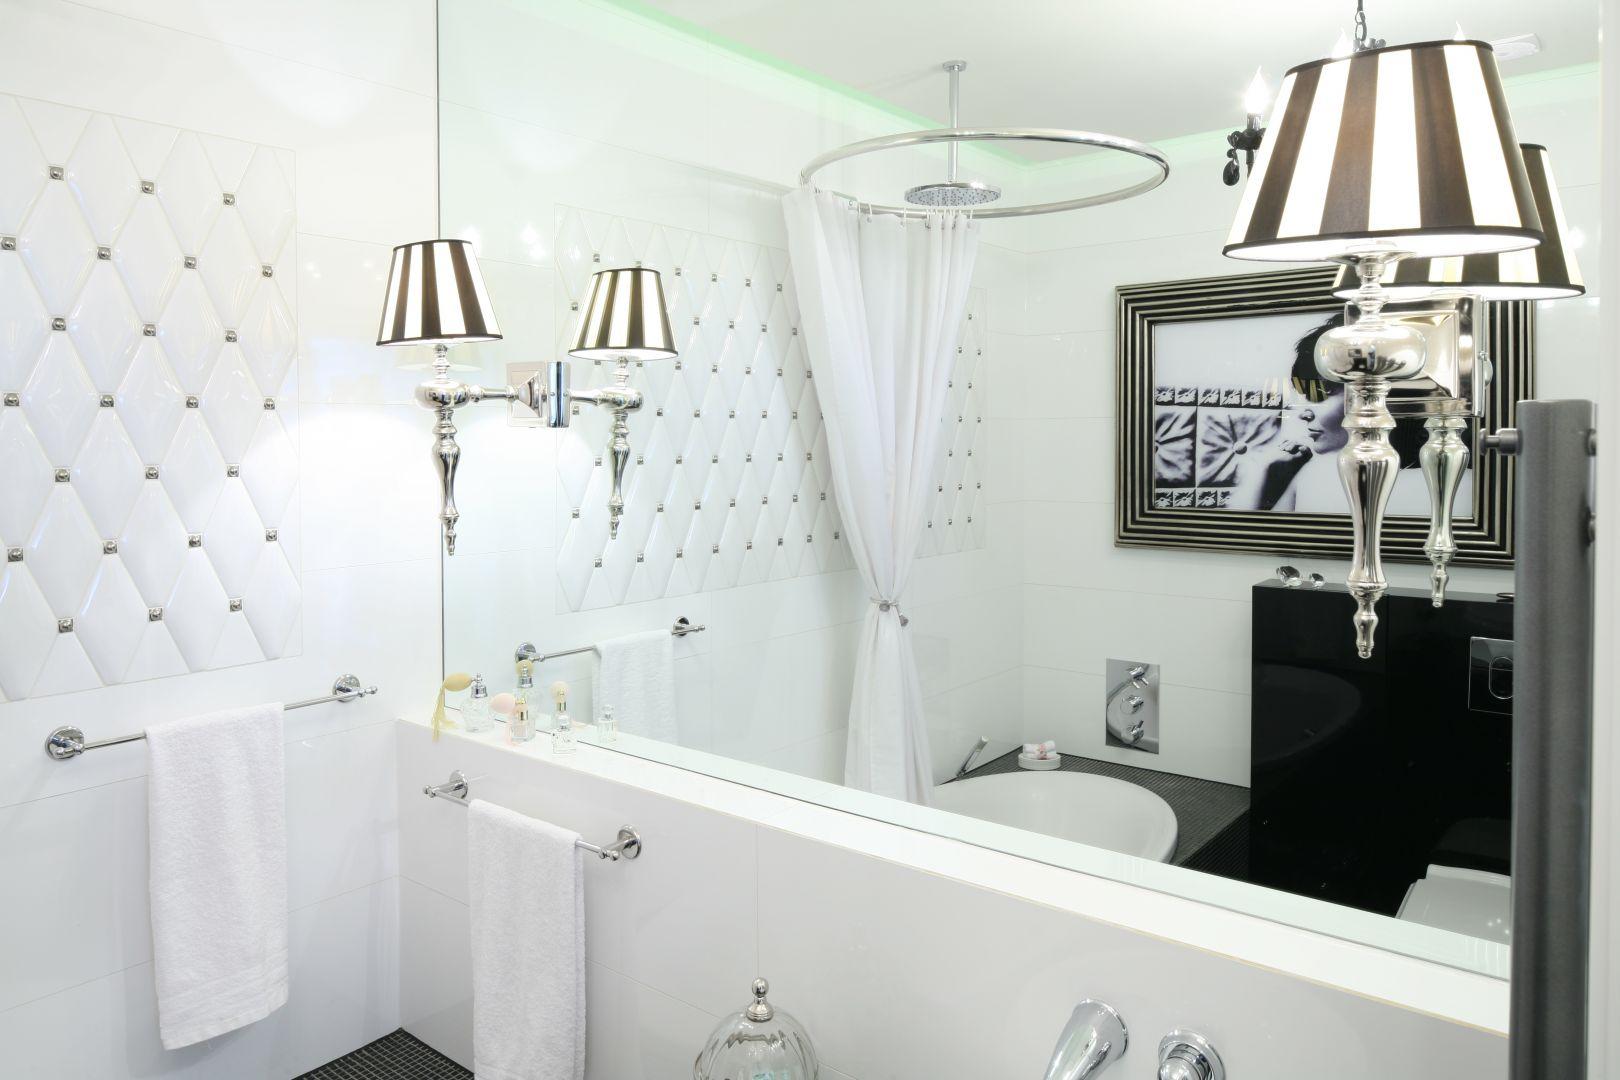 Łazienka w stylu glamour z dominującą bielą. Proj. Małgorzata Galewska. Fot. Bartos Jarosz